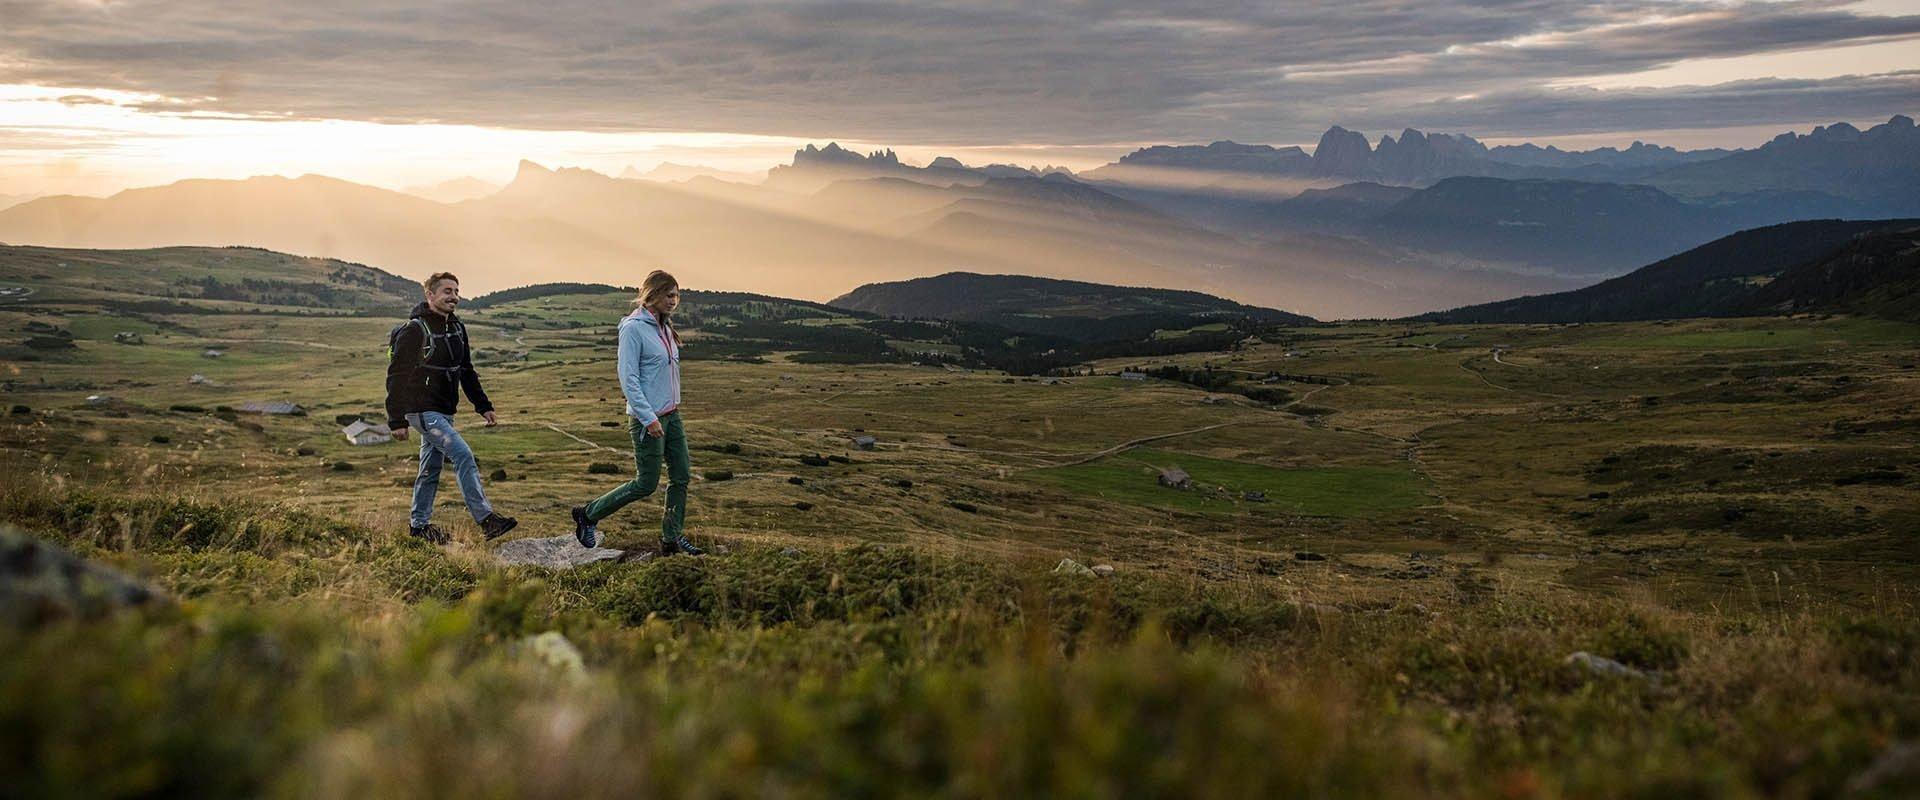 Urlaub auf dem Bauernhof in Seis am Schlern – Südtirol